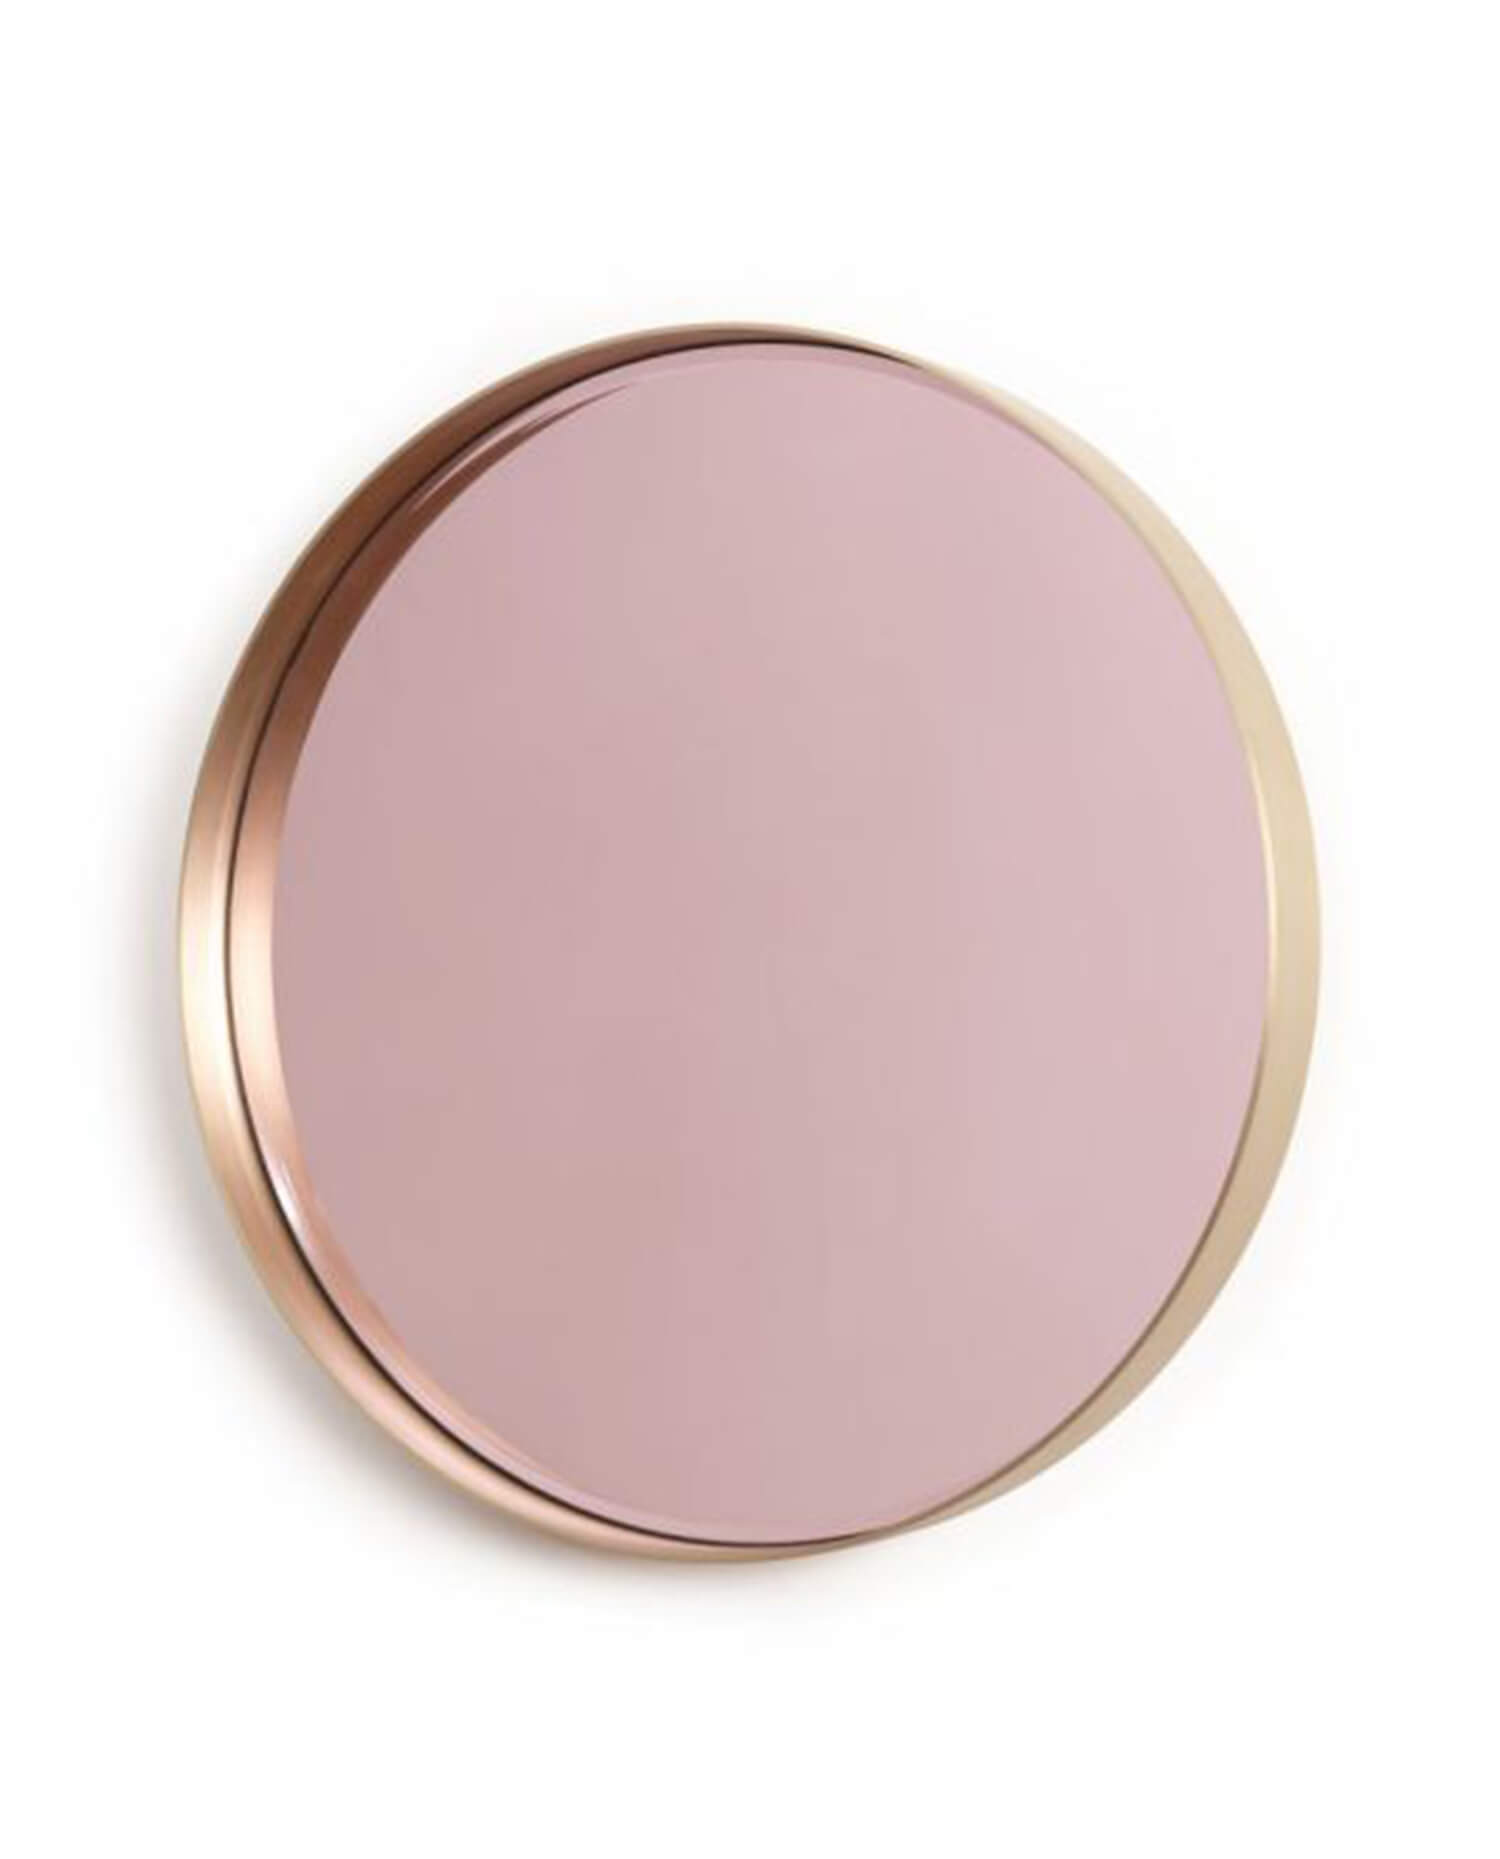 est livine la vie en rose mirror herve langlais